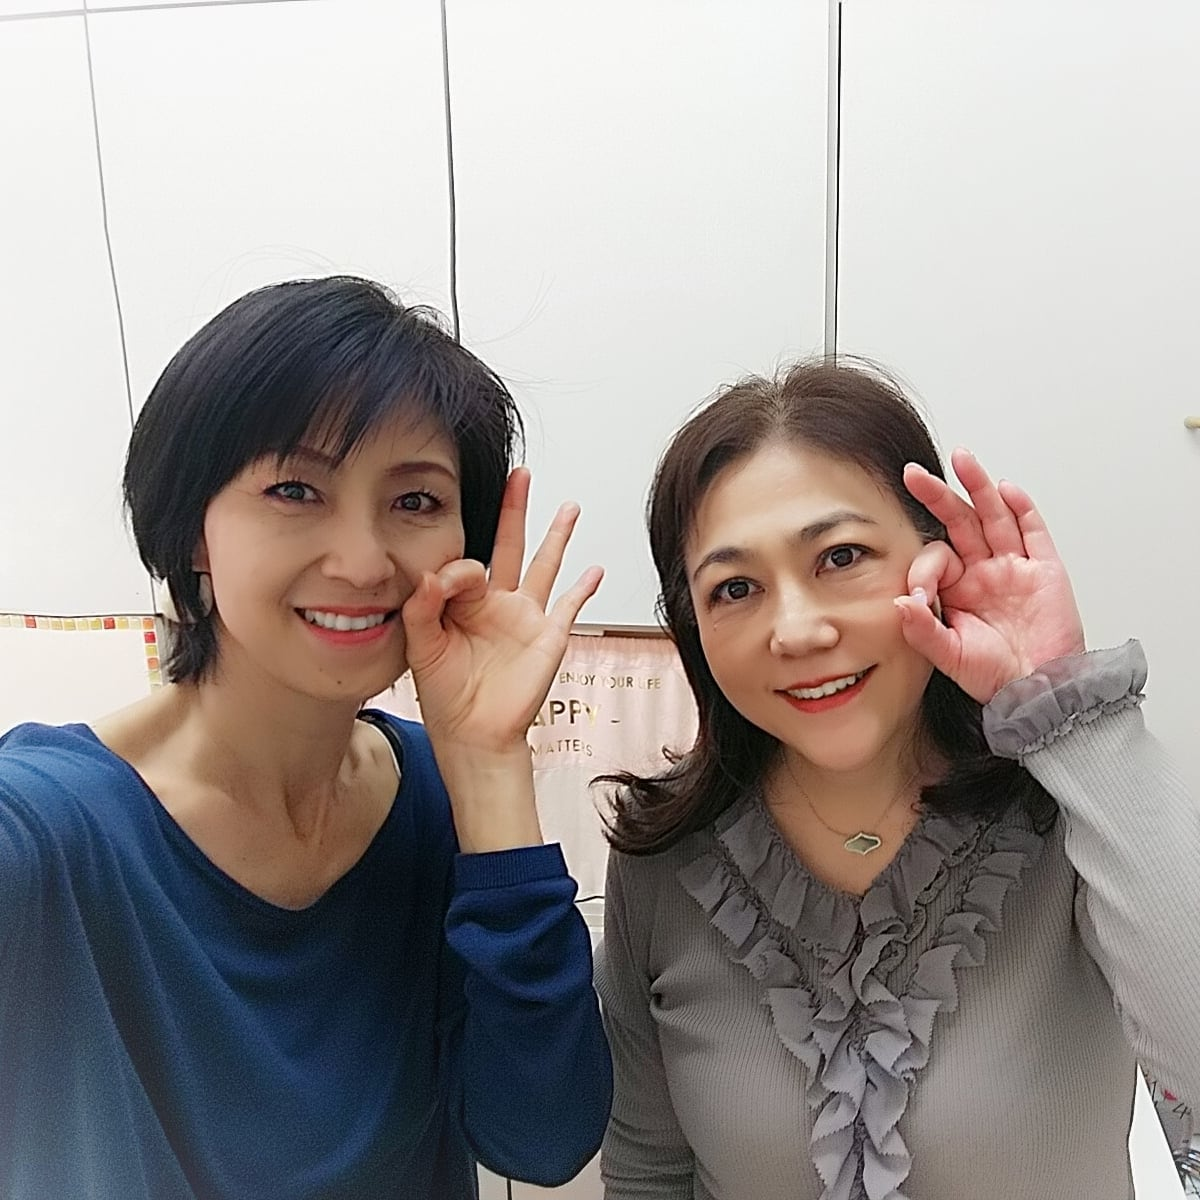 【ご希望日可能】zoomズーム顔ヨガレッスン 顔ヨガ東京 オンラインのイメージその3